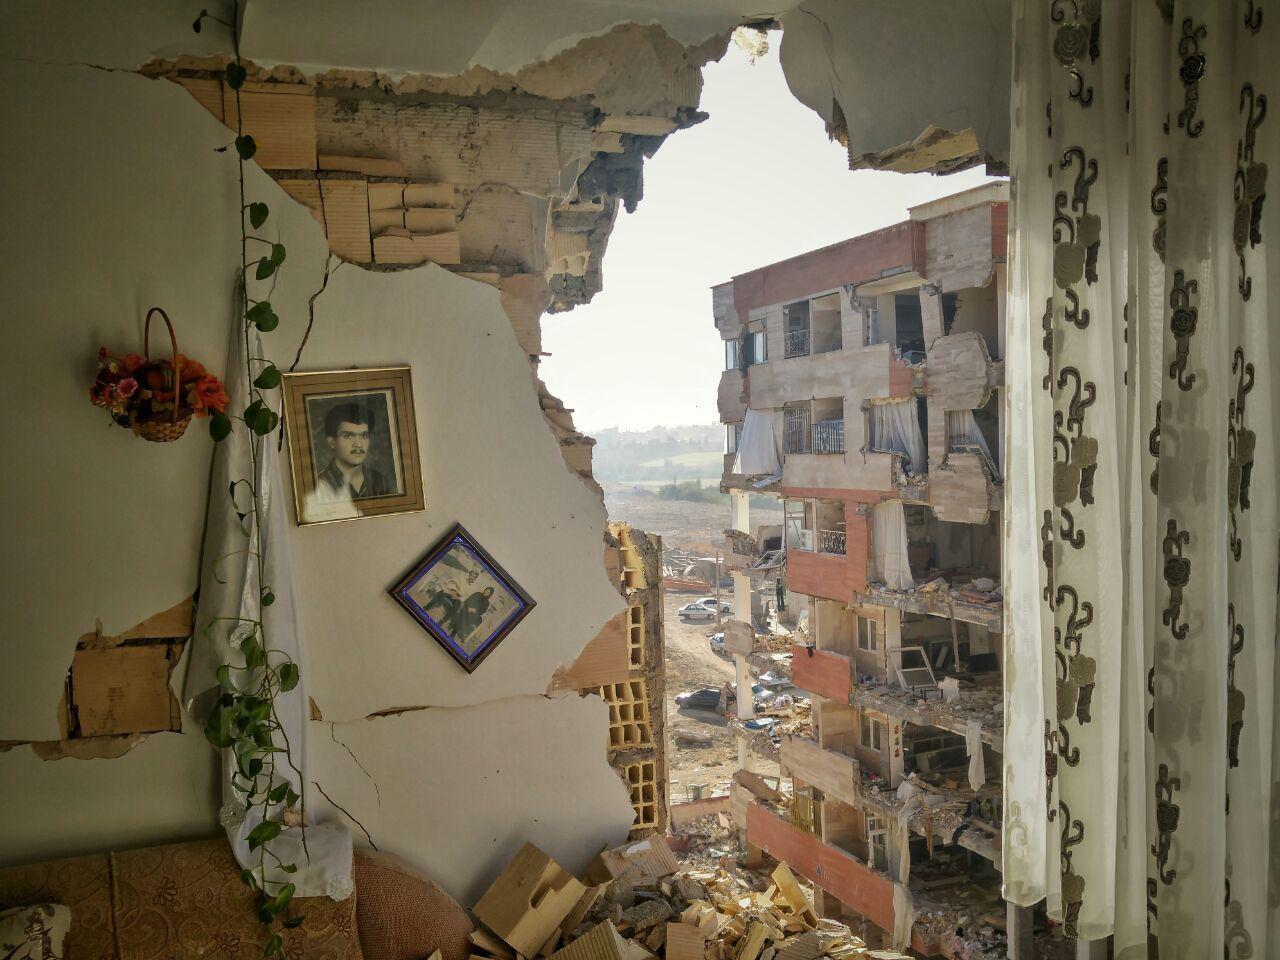 اقدامات دولت برای کاستن از مشکلات زلزلهزدگان کرمانشاه/ بازسازی خانهها با بنیاد مسکن است